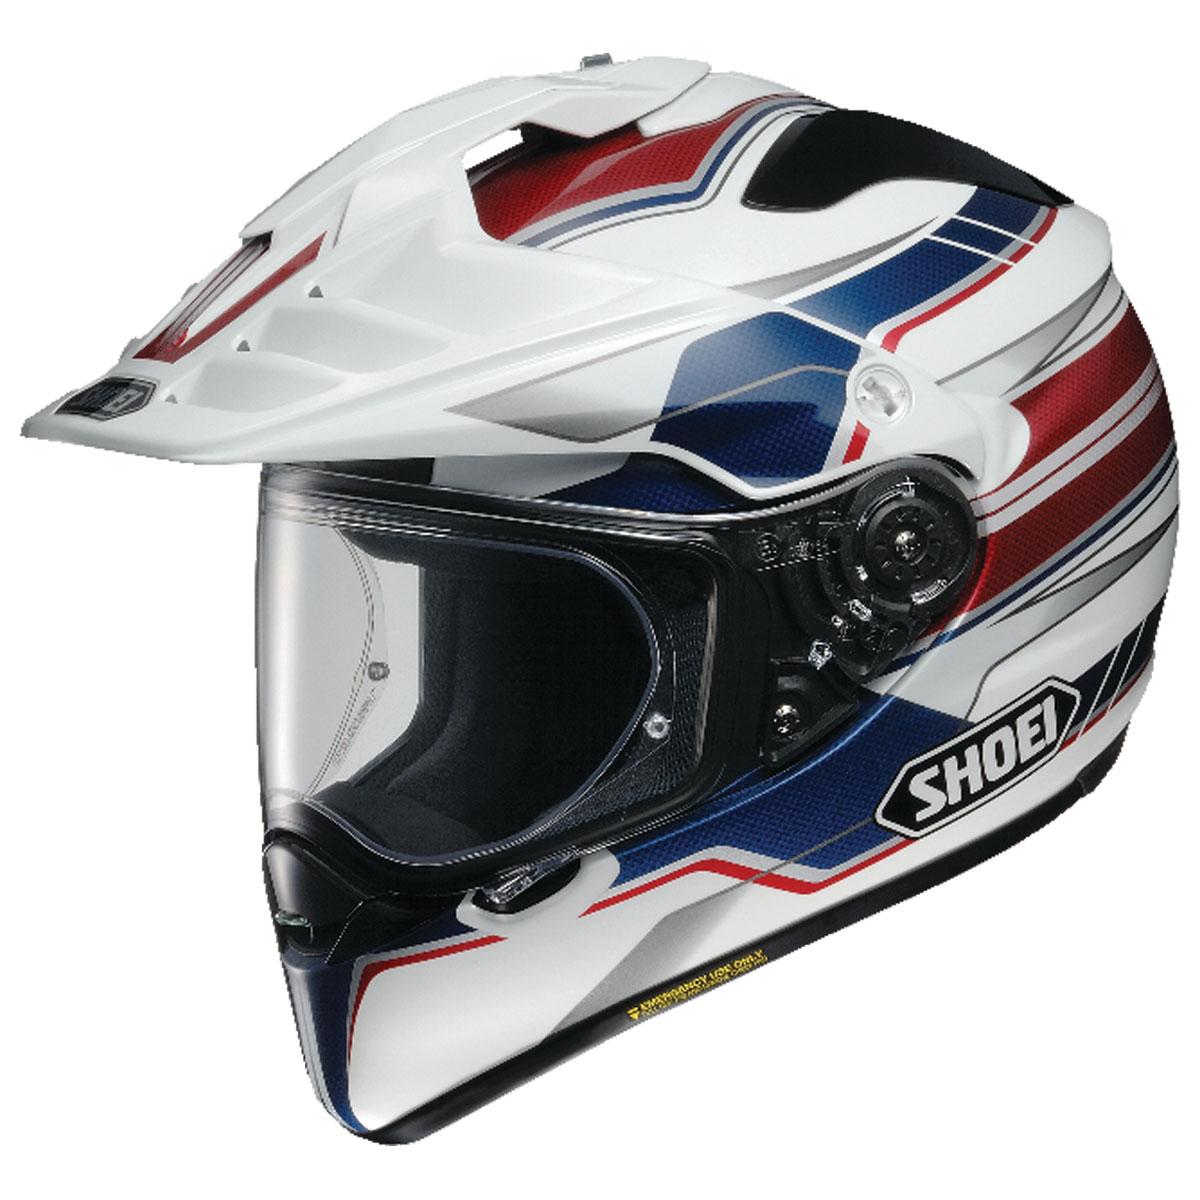 Shoei Hornet X2 Navigate Red/White/Blue Dual Sport Helmet